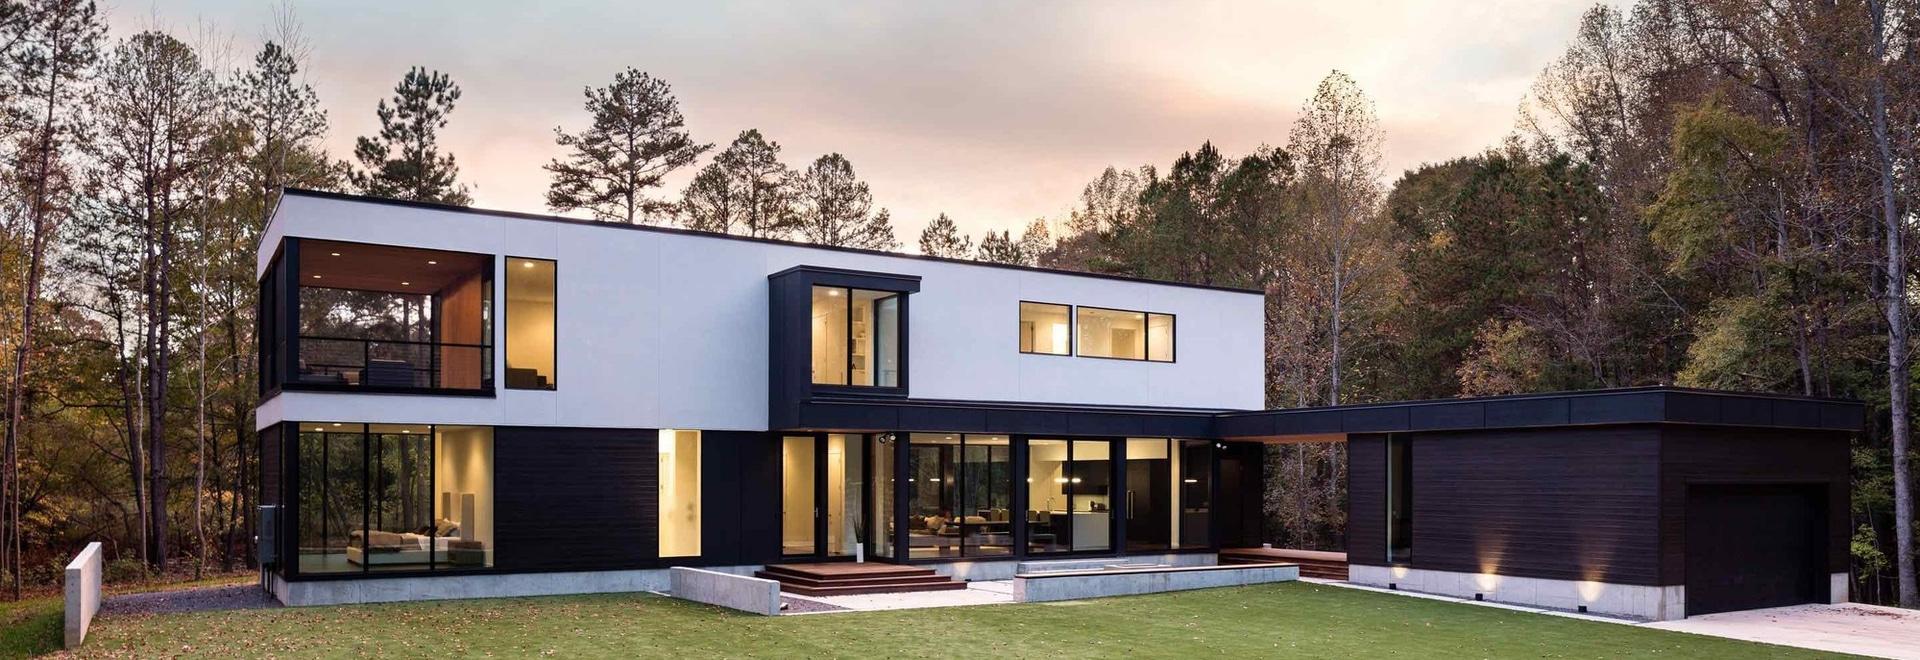 Dieses neue zeitgenössische Haus, das durch Bäume umgeben wird ...